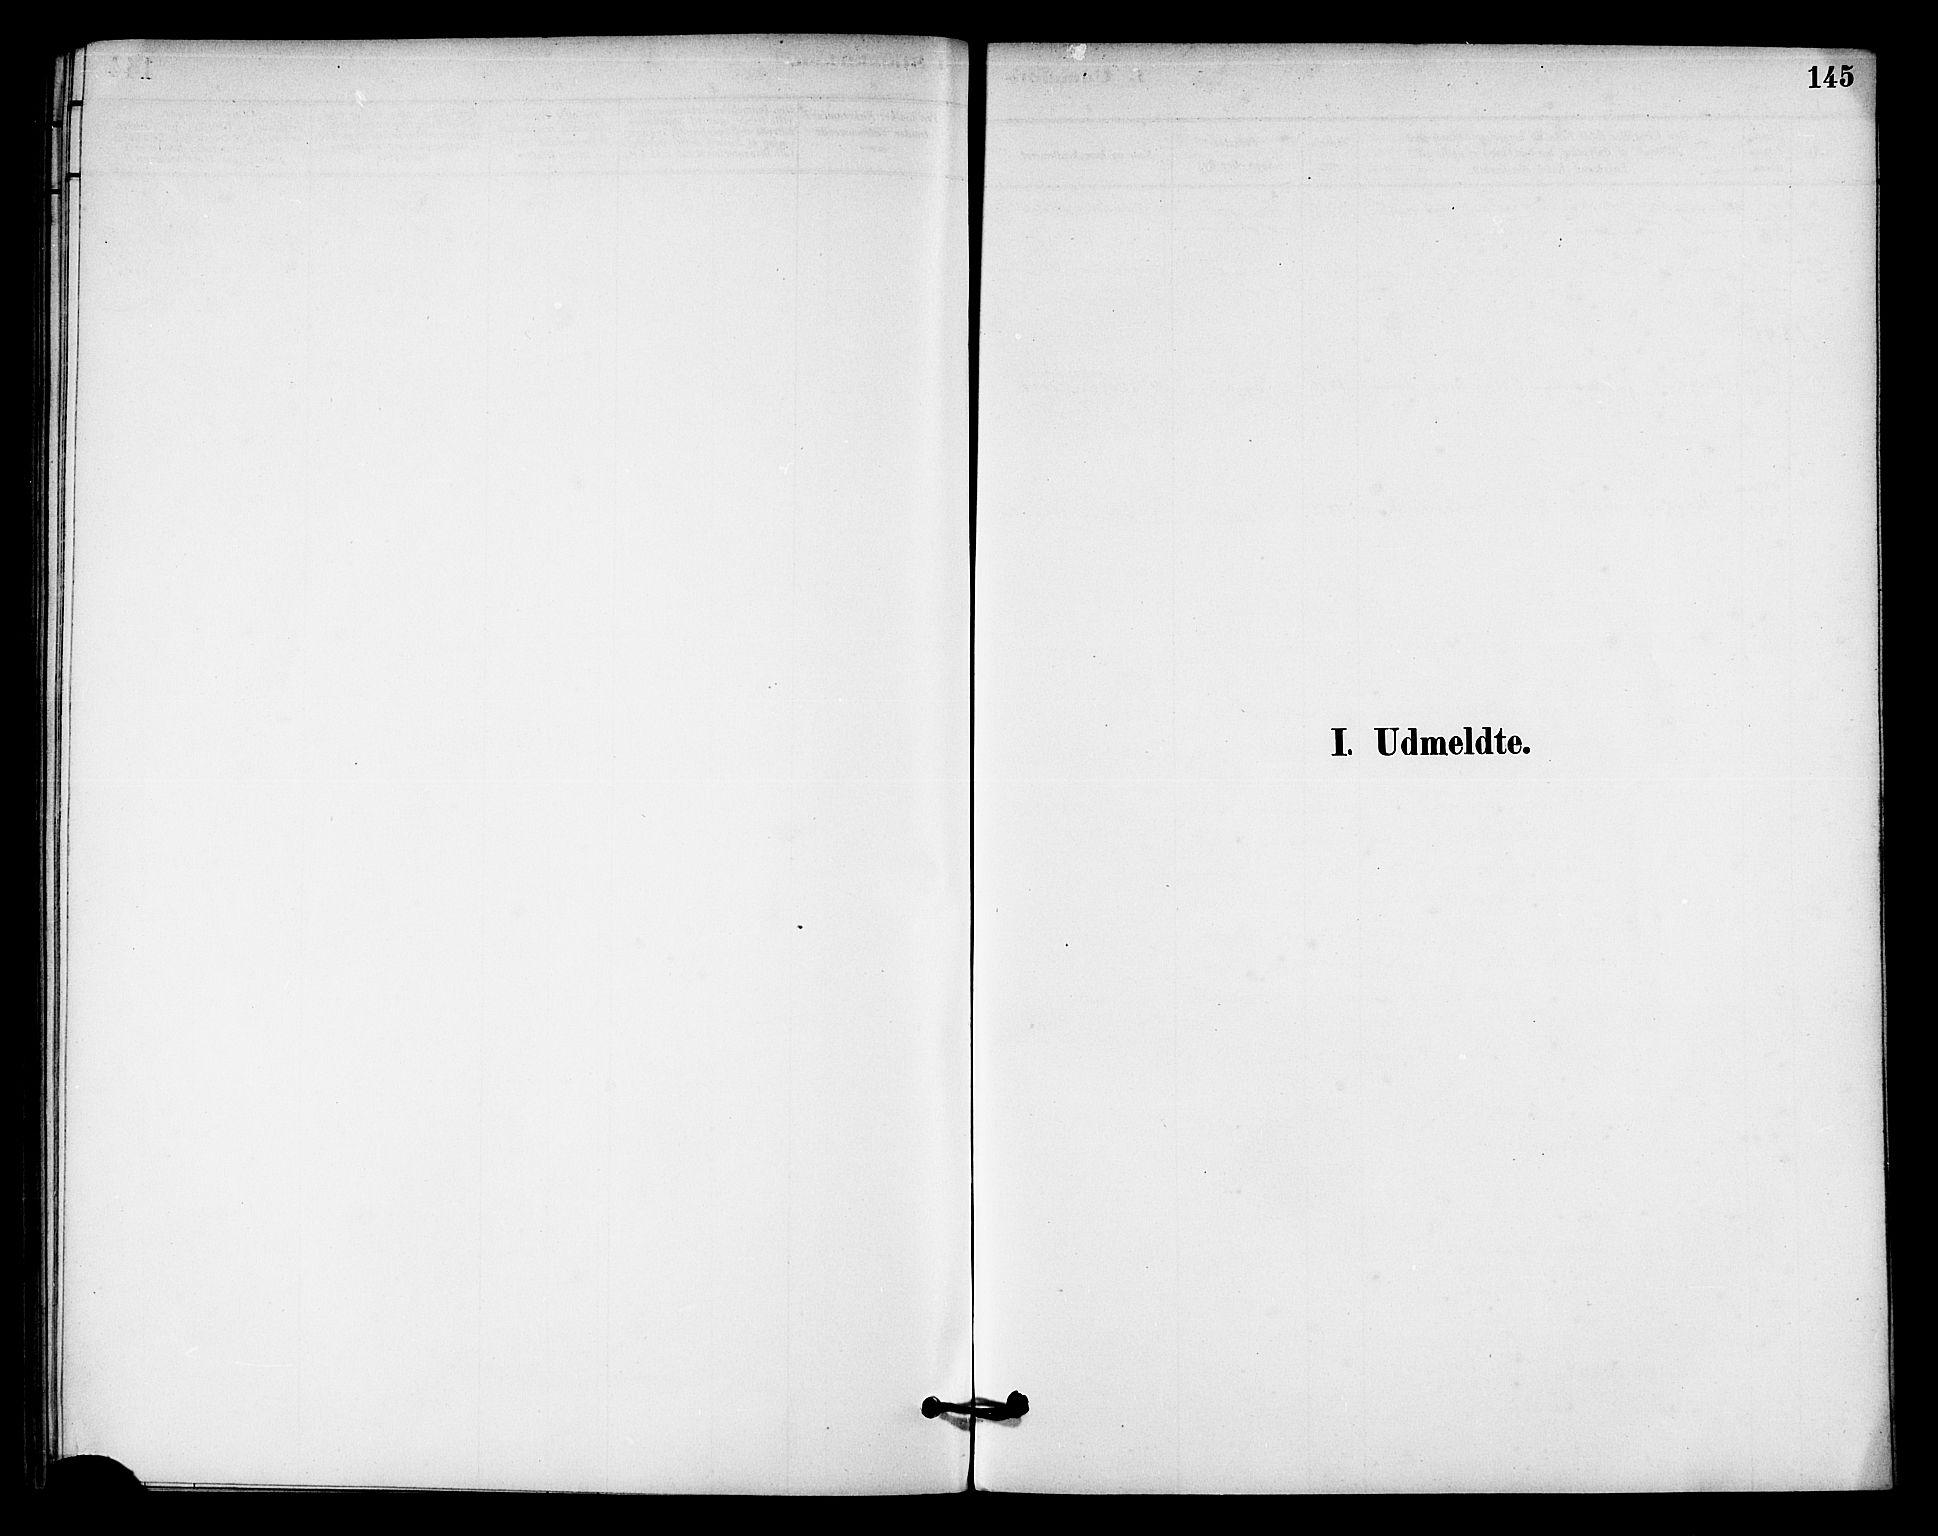 SAT, Ministerialprotokoller, klokkerbøker og fødselsregistre - Nord-Trøndelag, 740/L0378: Ministerialbok nr. 740A01, 1881-1895, s. 145